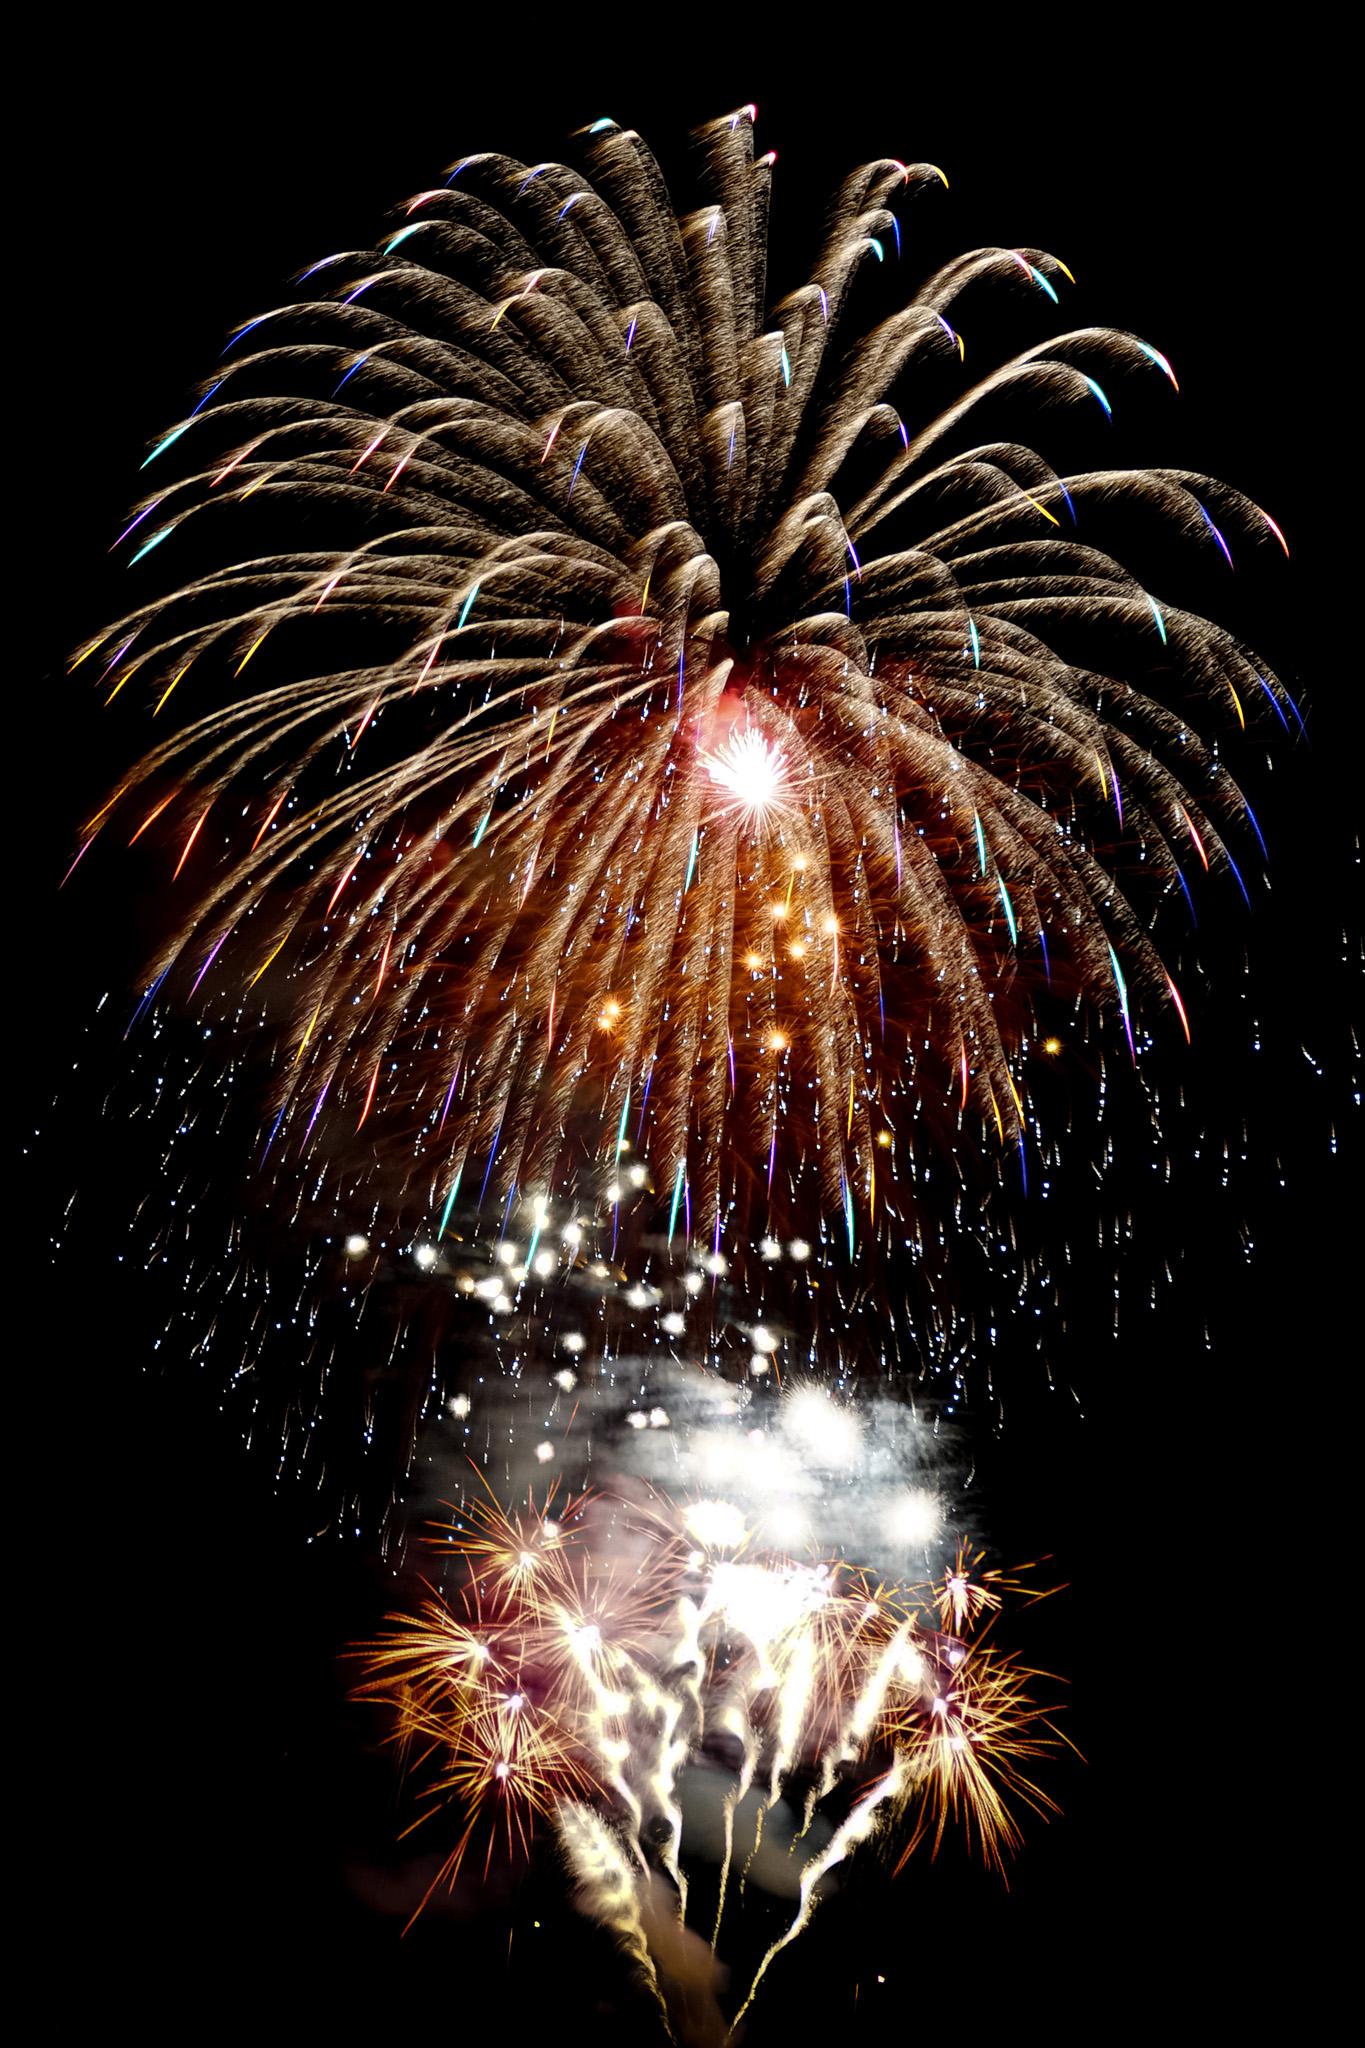 「錦冠菊花火が打ち上がる花火大会」の画像を無料ダウンロード